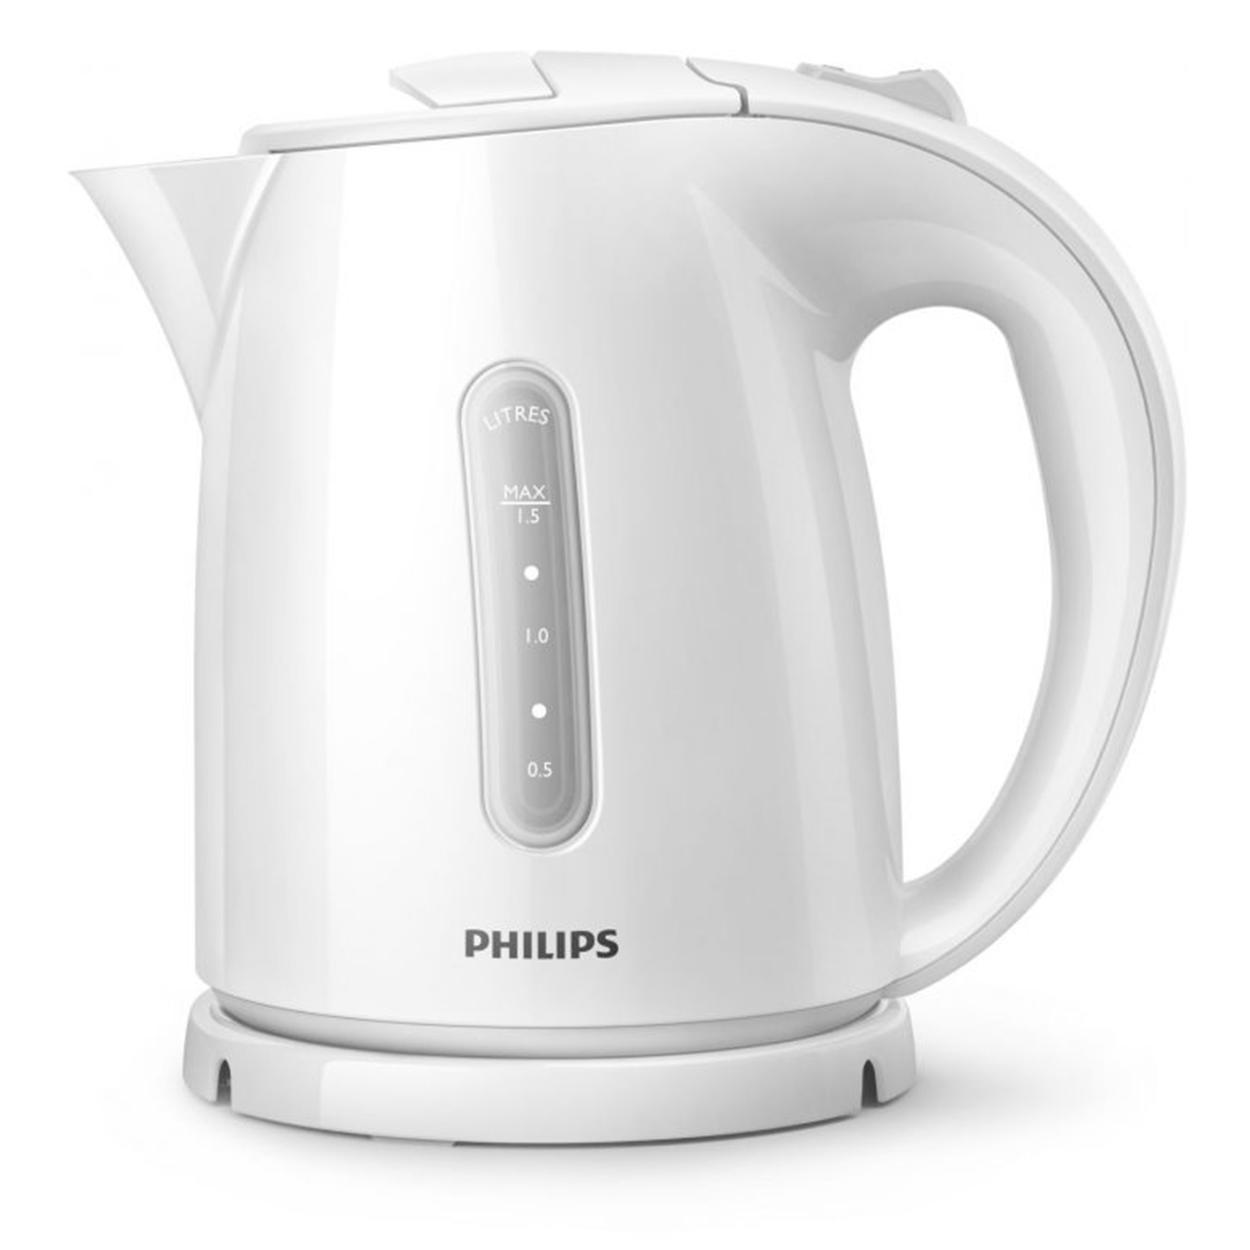 Pirkite Daily Collection Virdulį HD4646/00 elektroninėje | Philips parduotuvėje